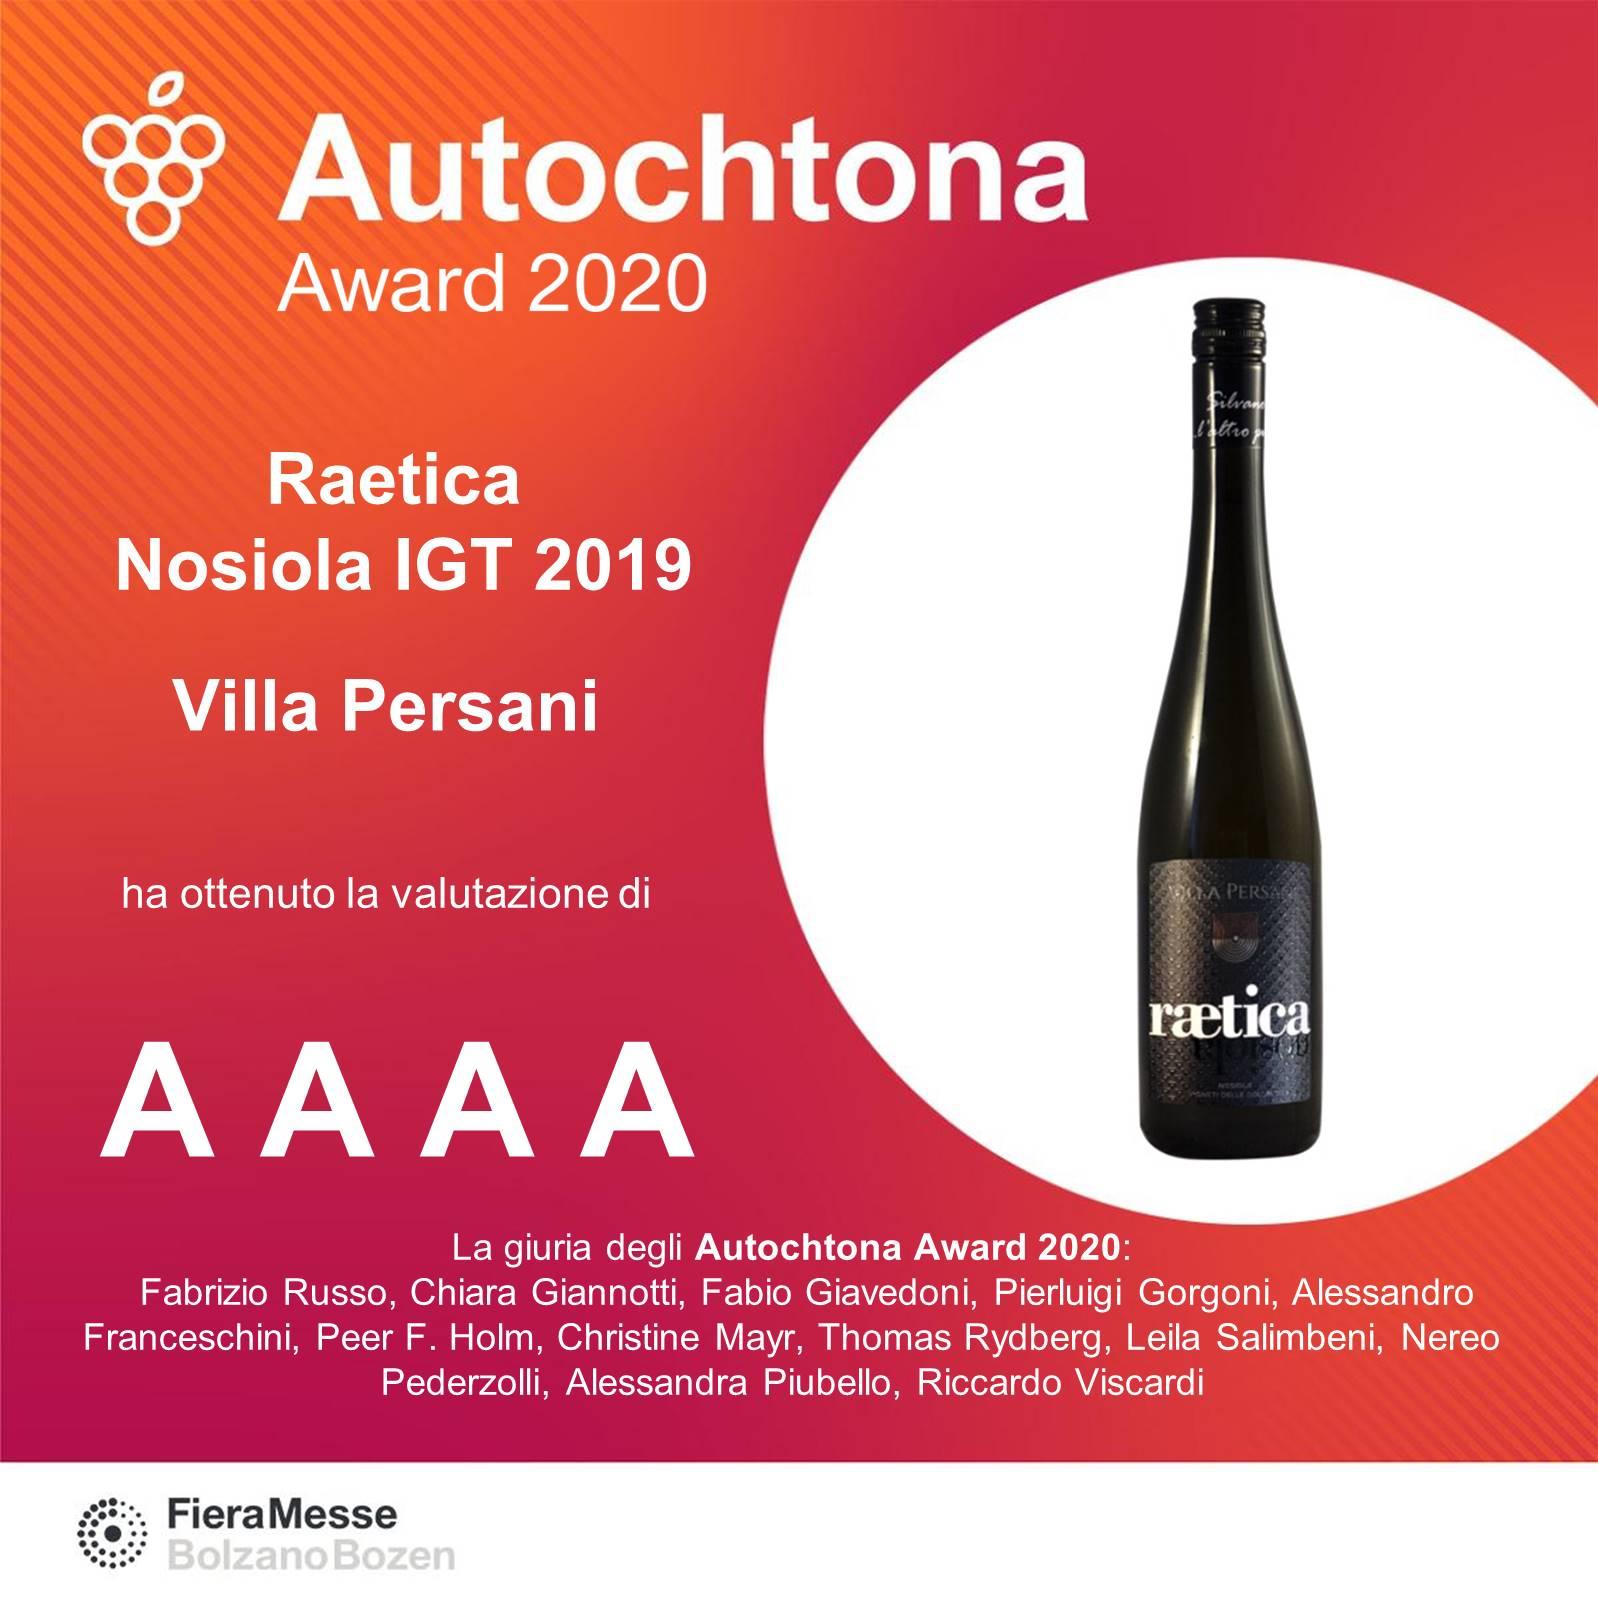 Premio Autochtona Award 2021